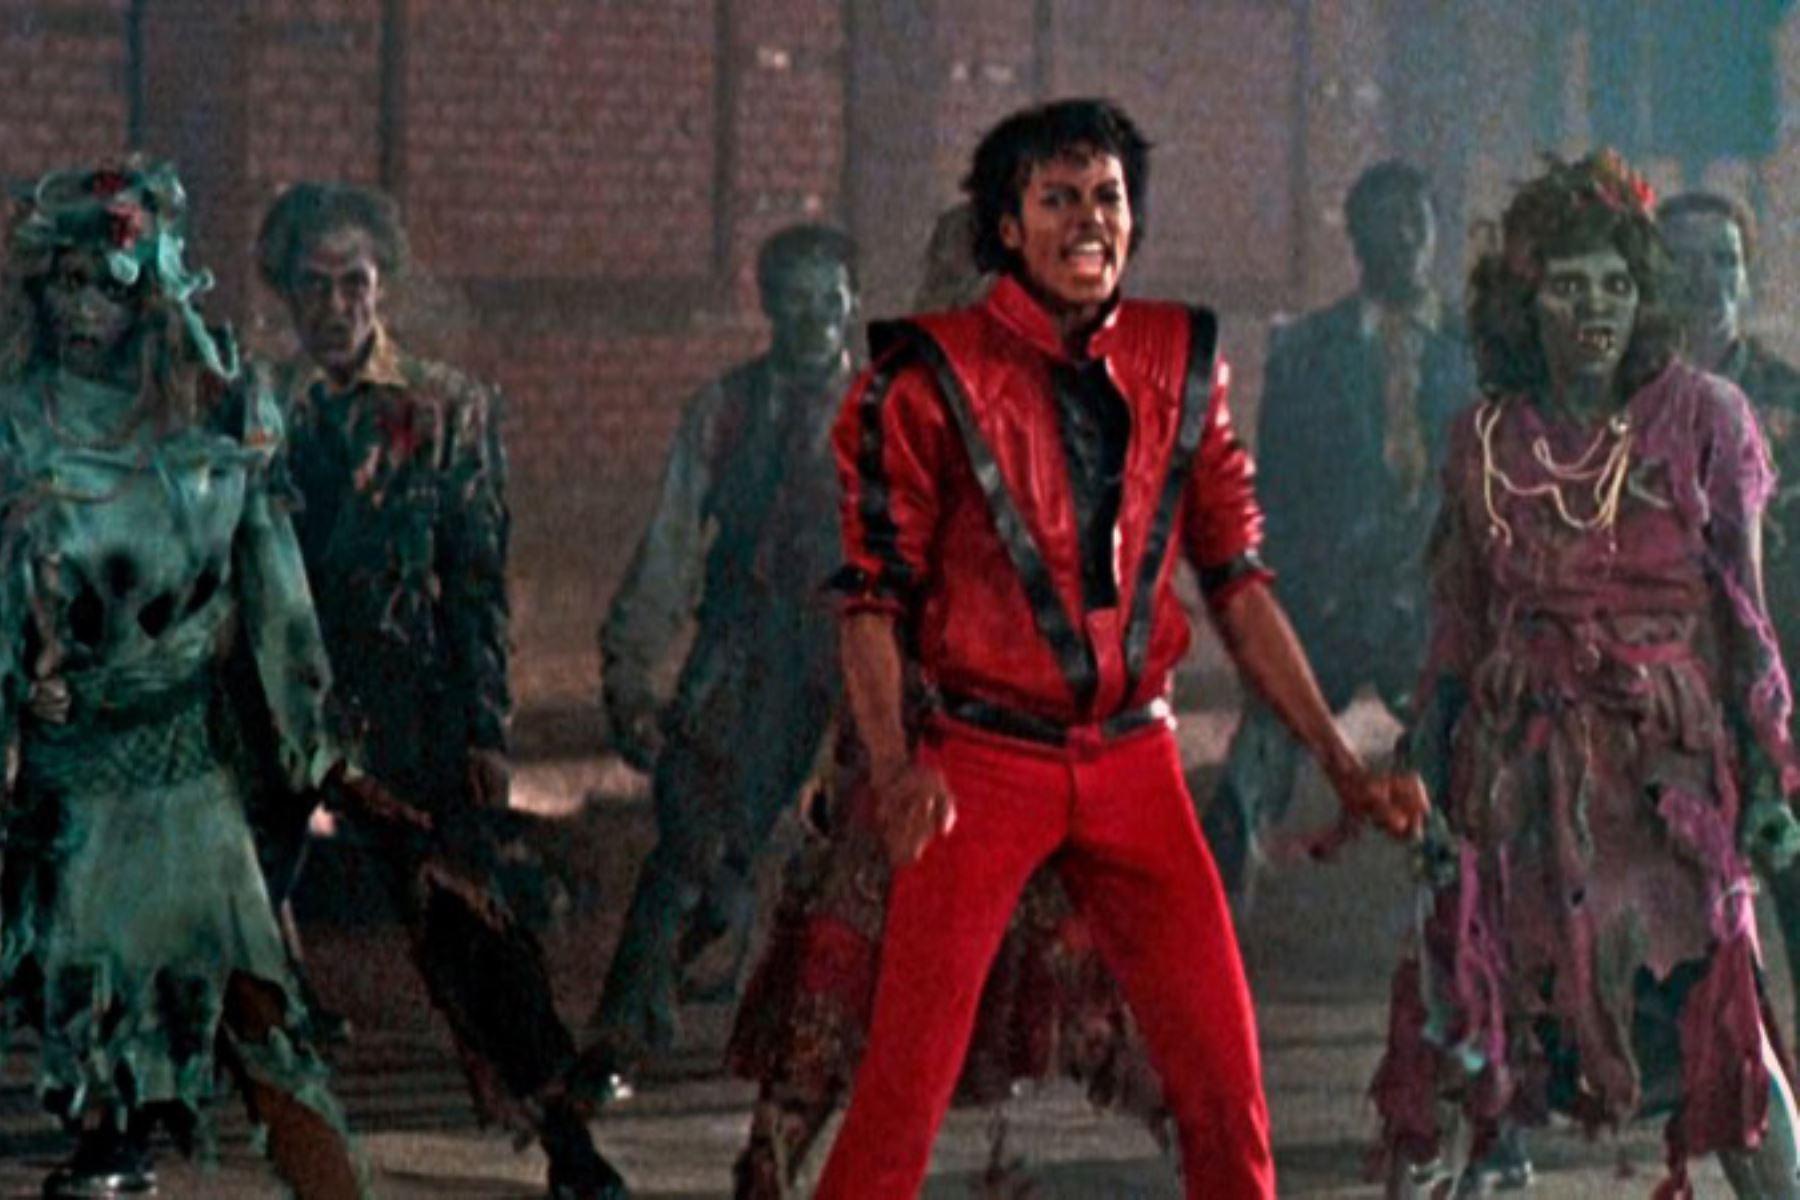 """La estrella del pop estadounidense Michael Jackson en """"Thriller"""". Foto: AFP"""